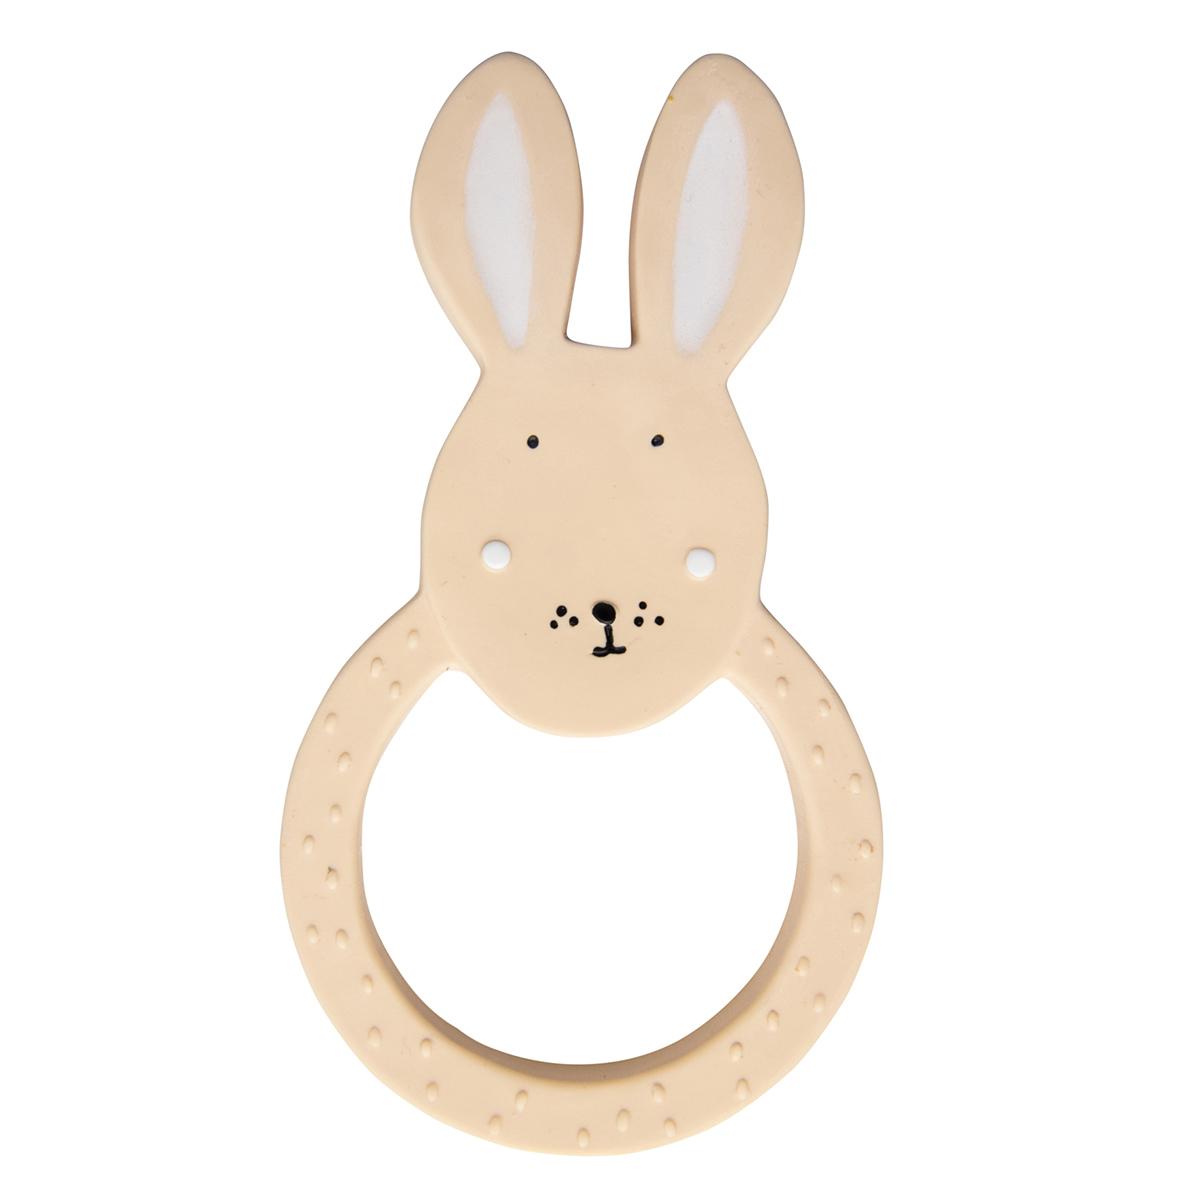 Dentition Anneau de Dentition en Caoutchouc Naturel - Mrs. Rabbit Anneau de Dentition en Caoutchouc Naturel - Mrs. Rabbit